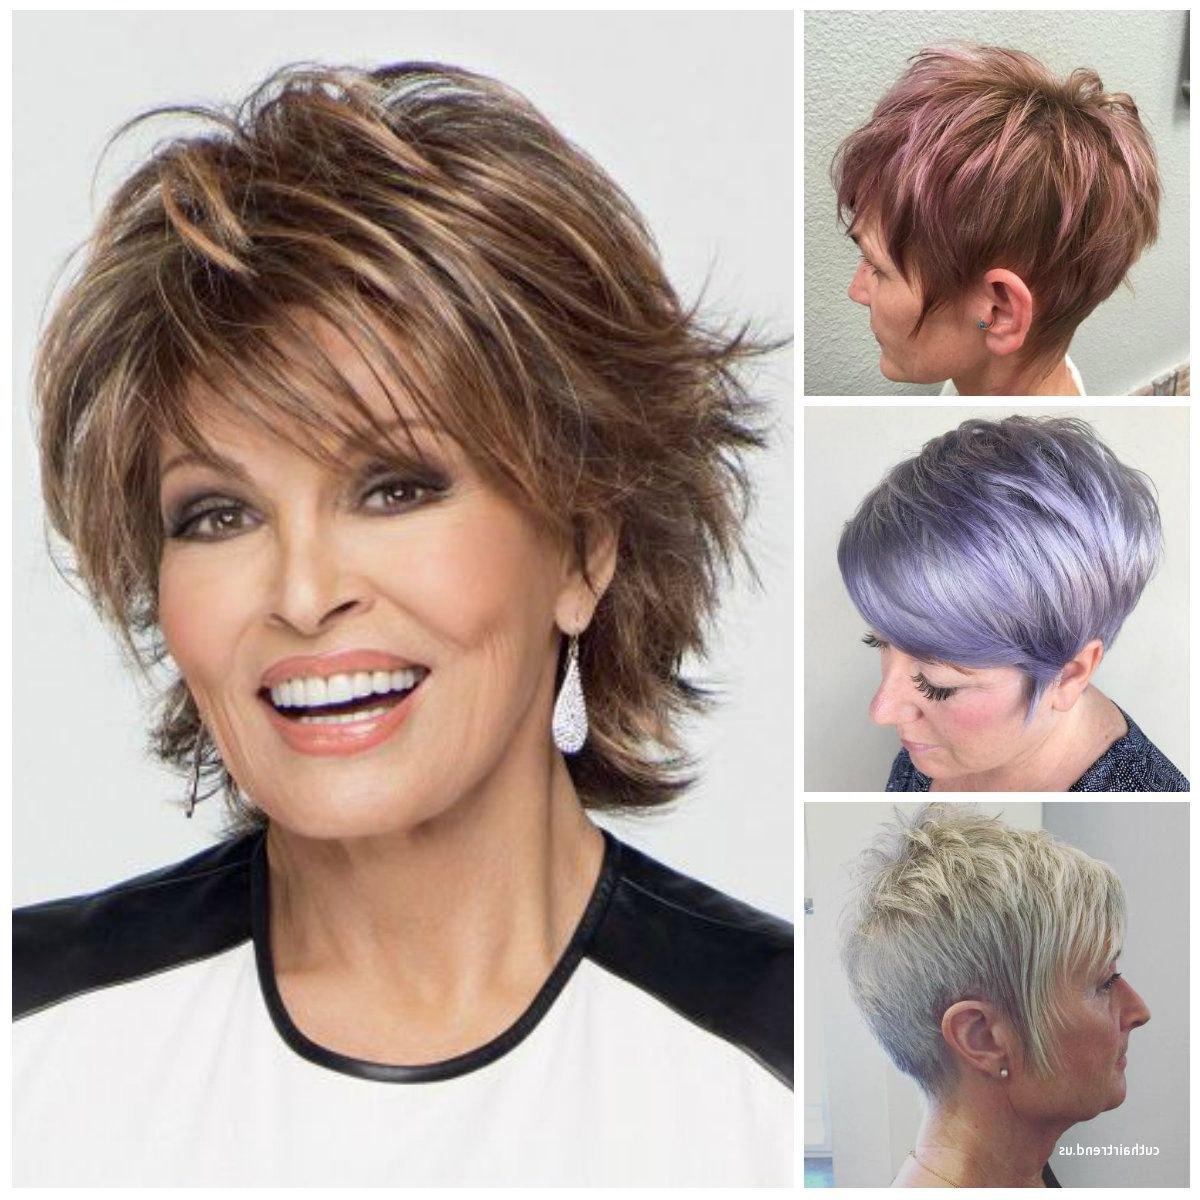 Luxury Mature Short Hairstyles Pertaining To Short Hairstyles For Mature Woman (View 7 of 25)